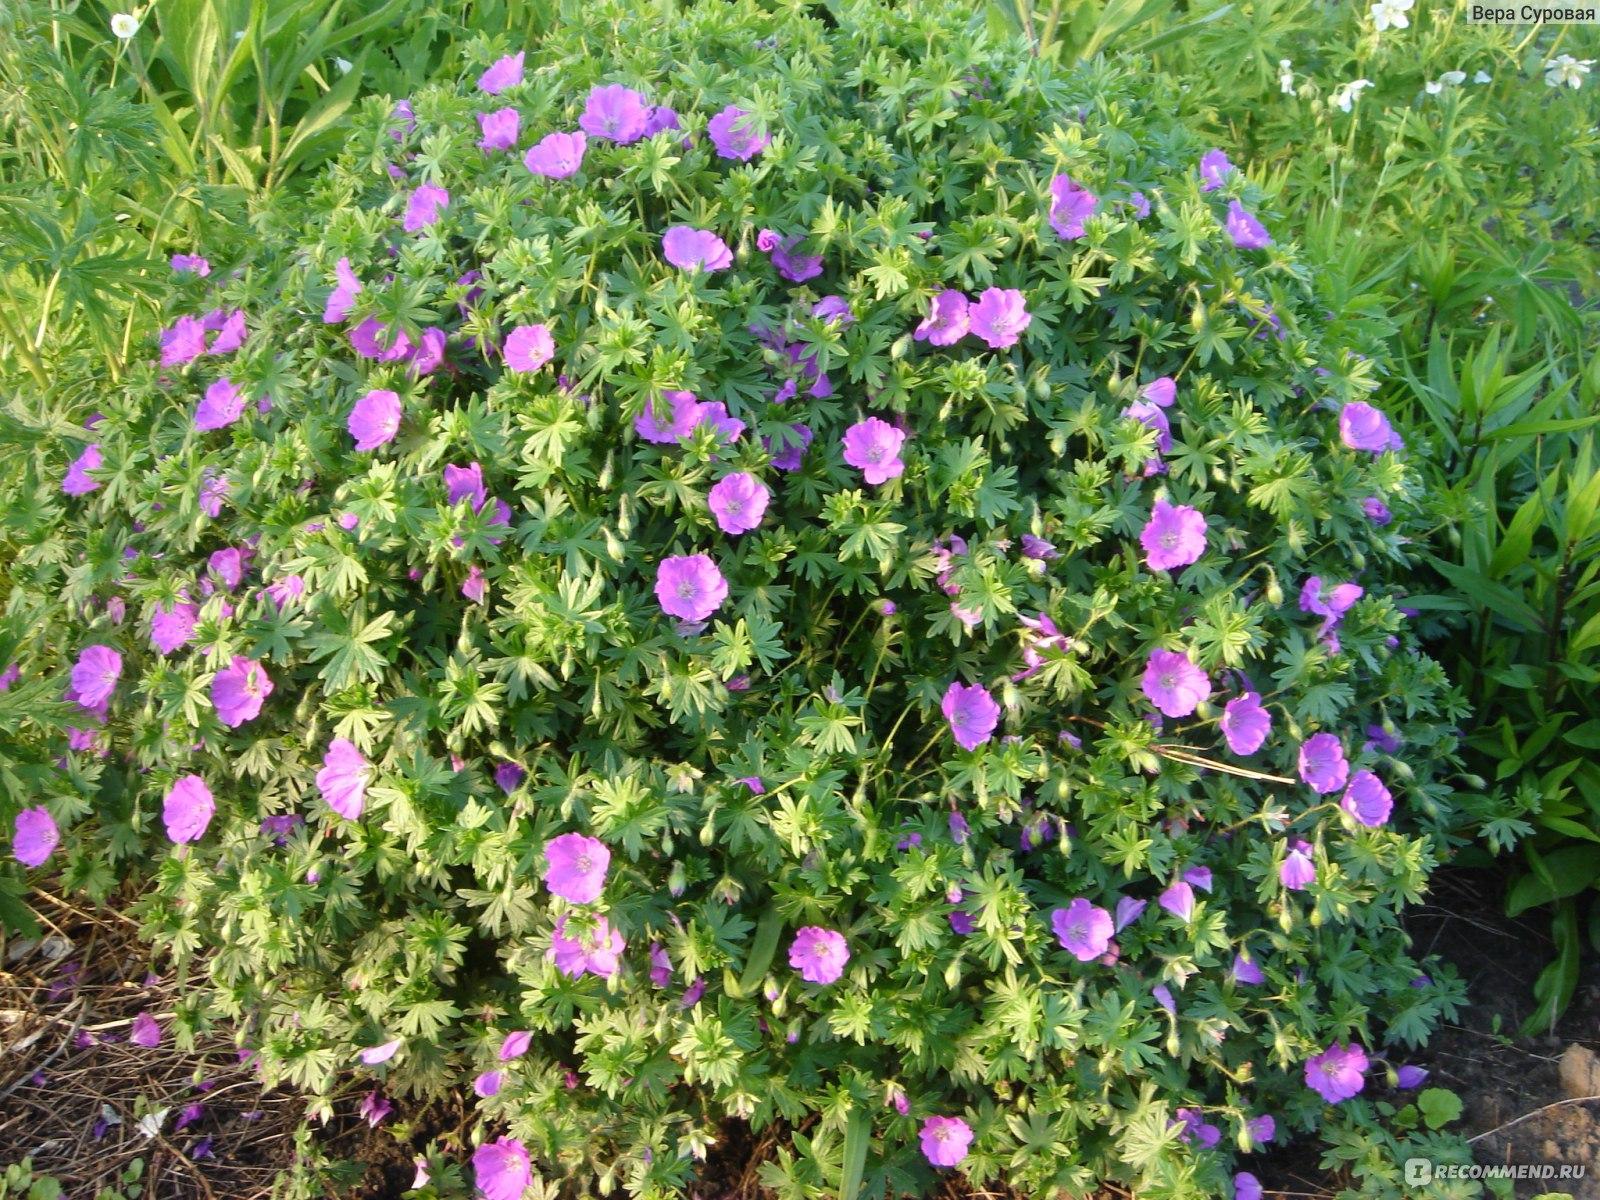 Герань садовая цветок фото